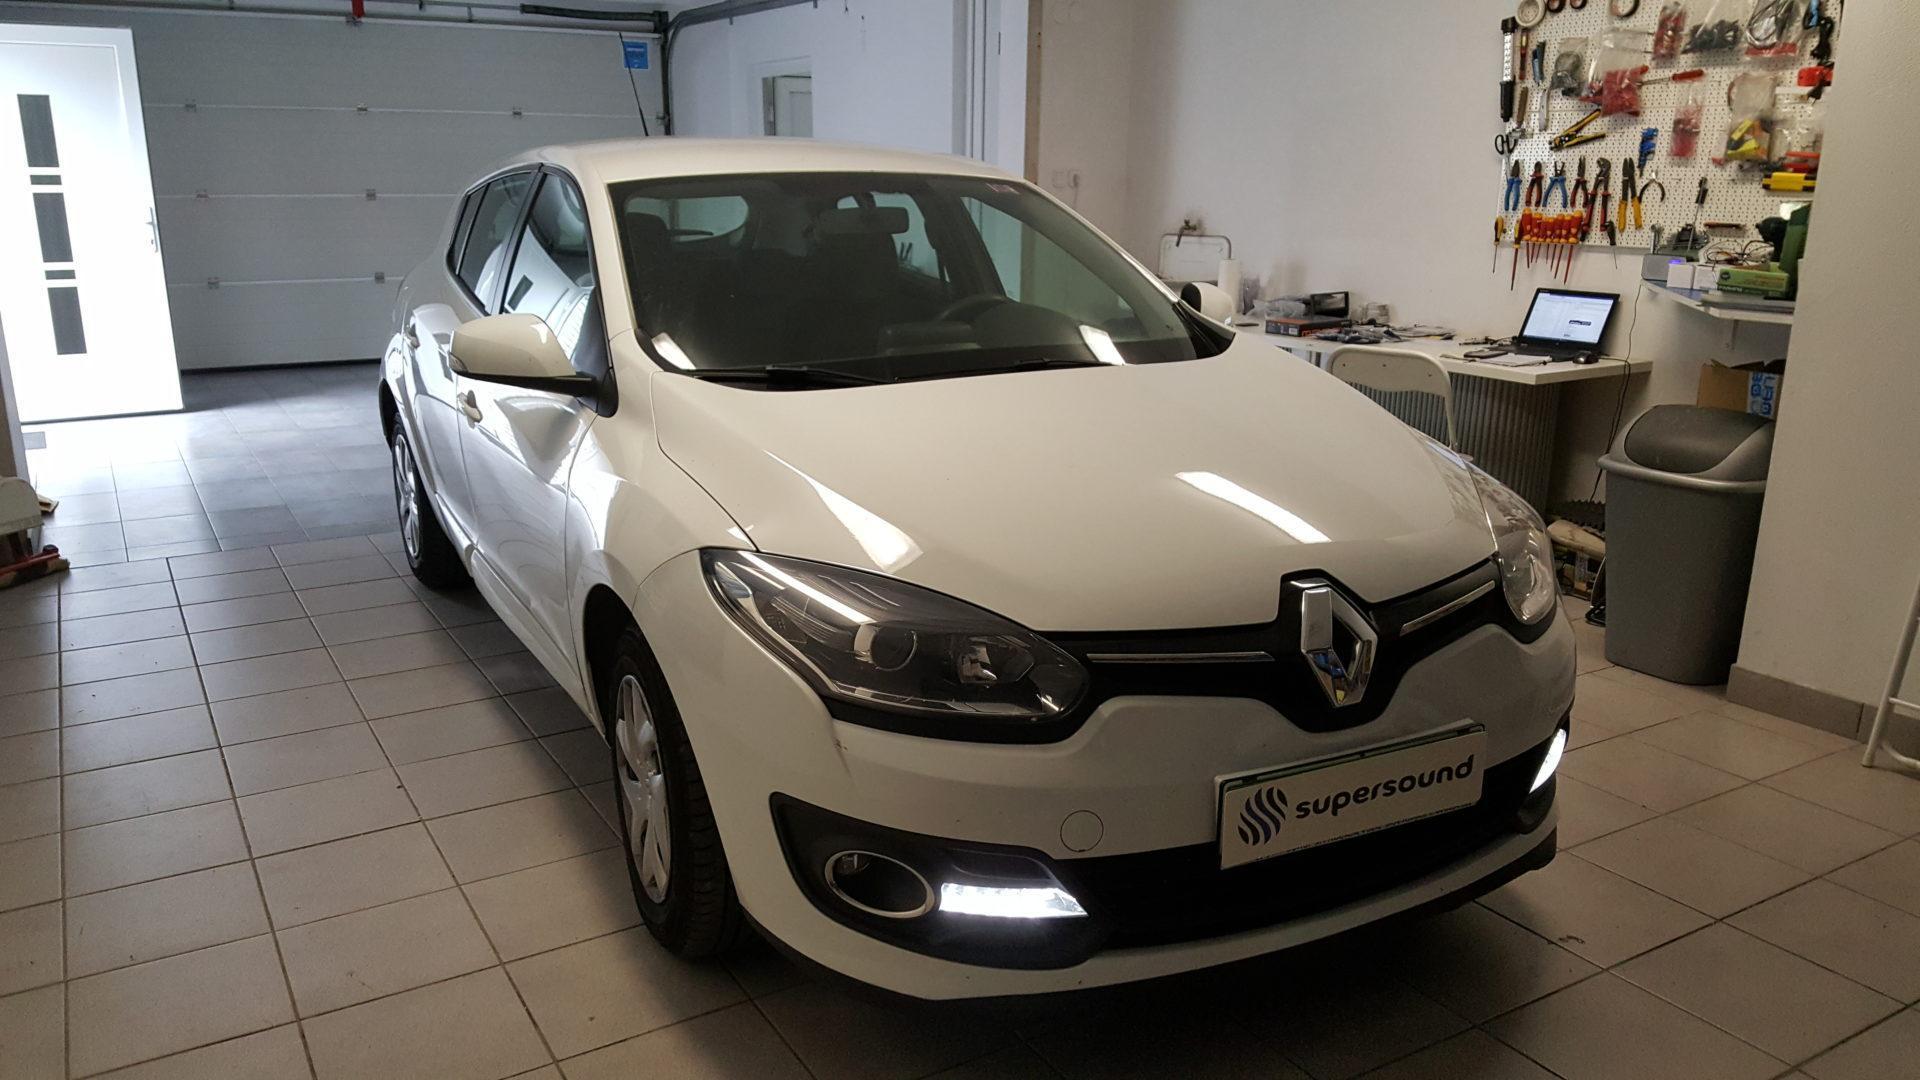 Renault Megane 3 zvočniki in izlolacija